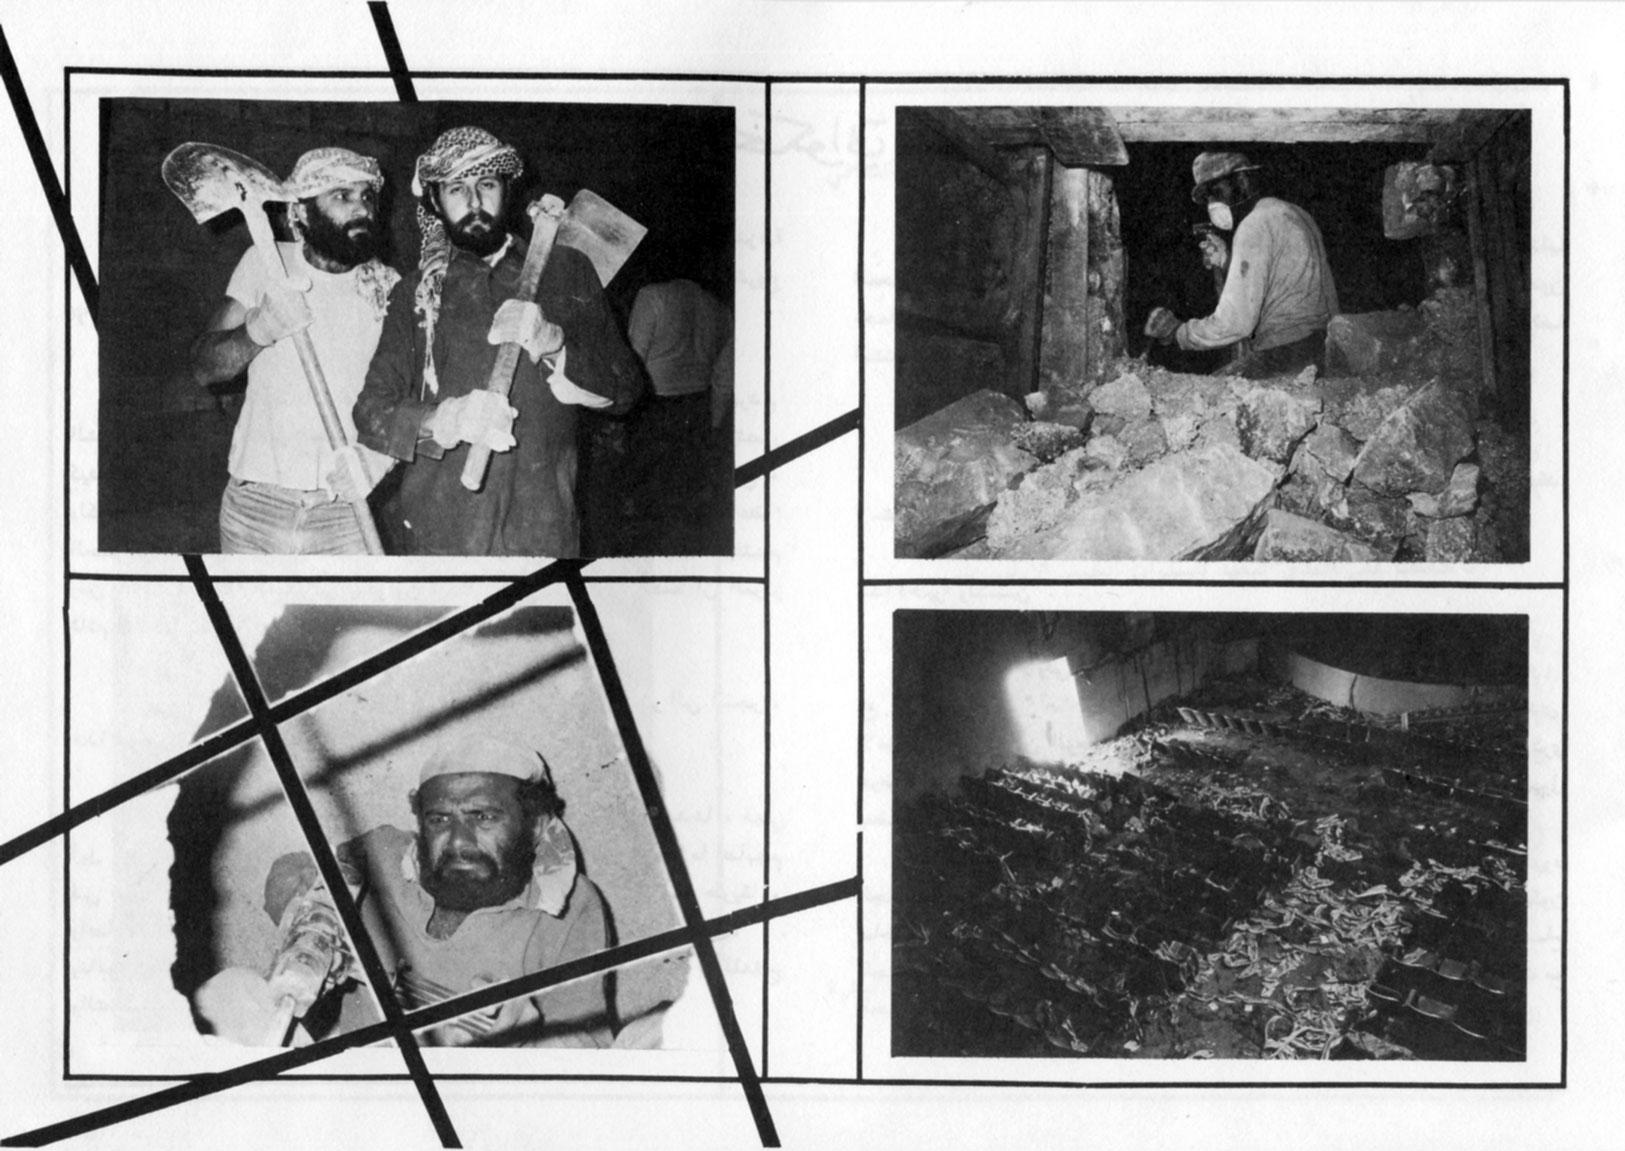 من كتيب افتتاح المسرح صور من الترميم وصور من الجولات الخارجية